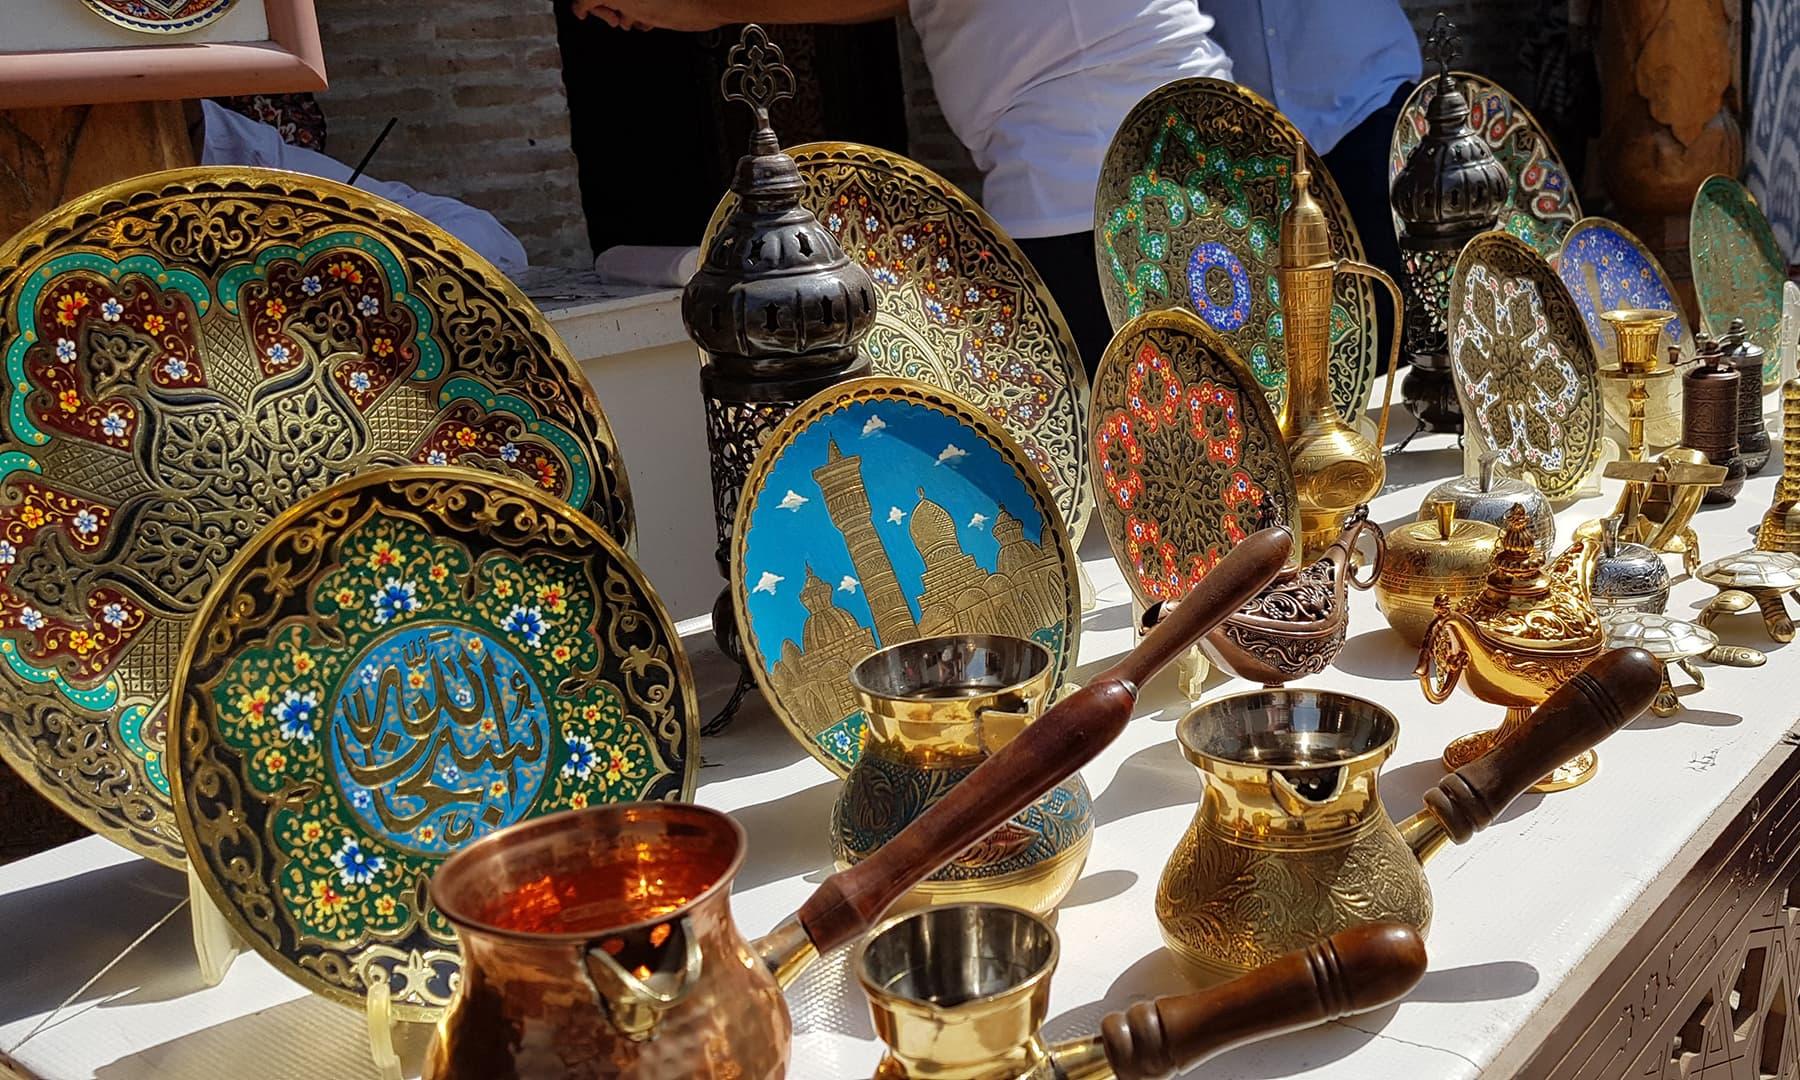 اس جگہ کو اب نہایت خوبصورتی سے اسلامی نوادرات سے متعلق میوزیم میں ڈھال دیا گیا ہے